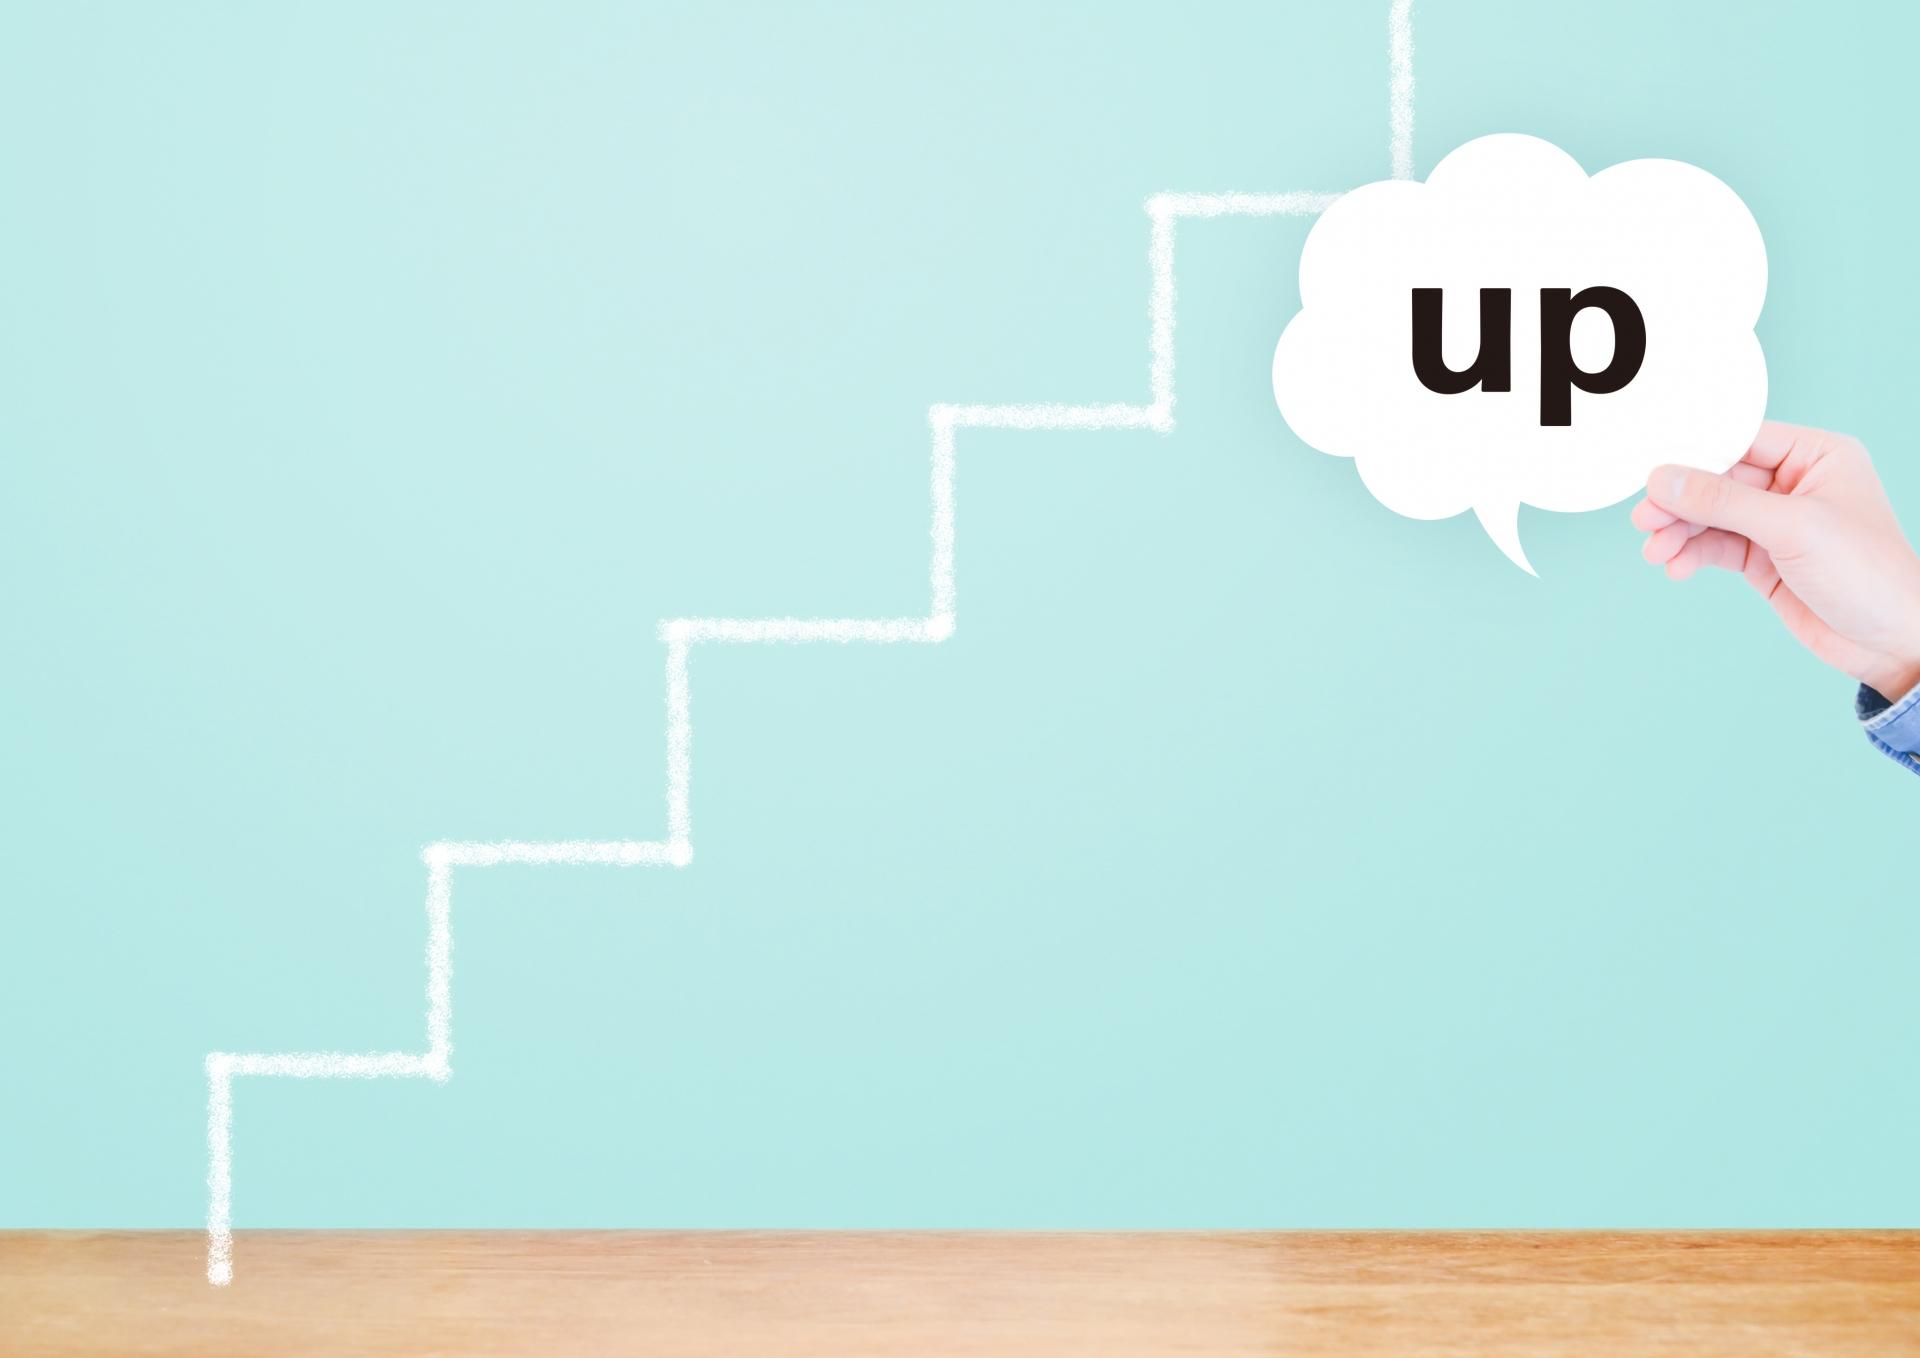 トークスクリプトで部下育成を加速し3ヵ月で受注率を2.42倍UP_有効性